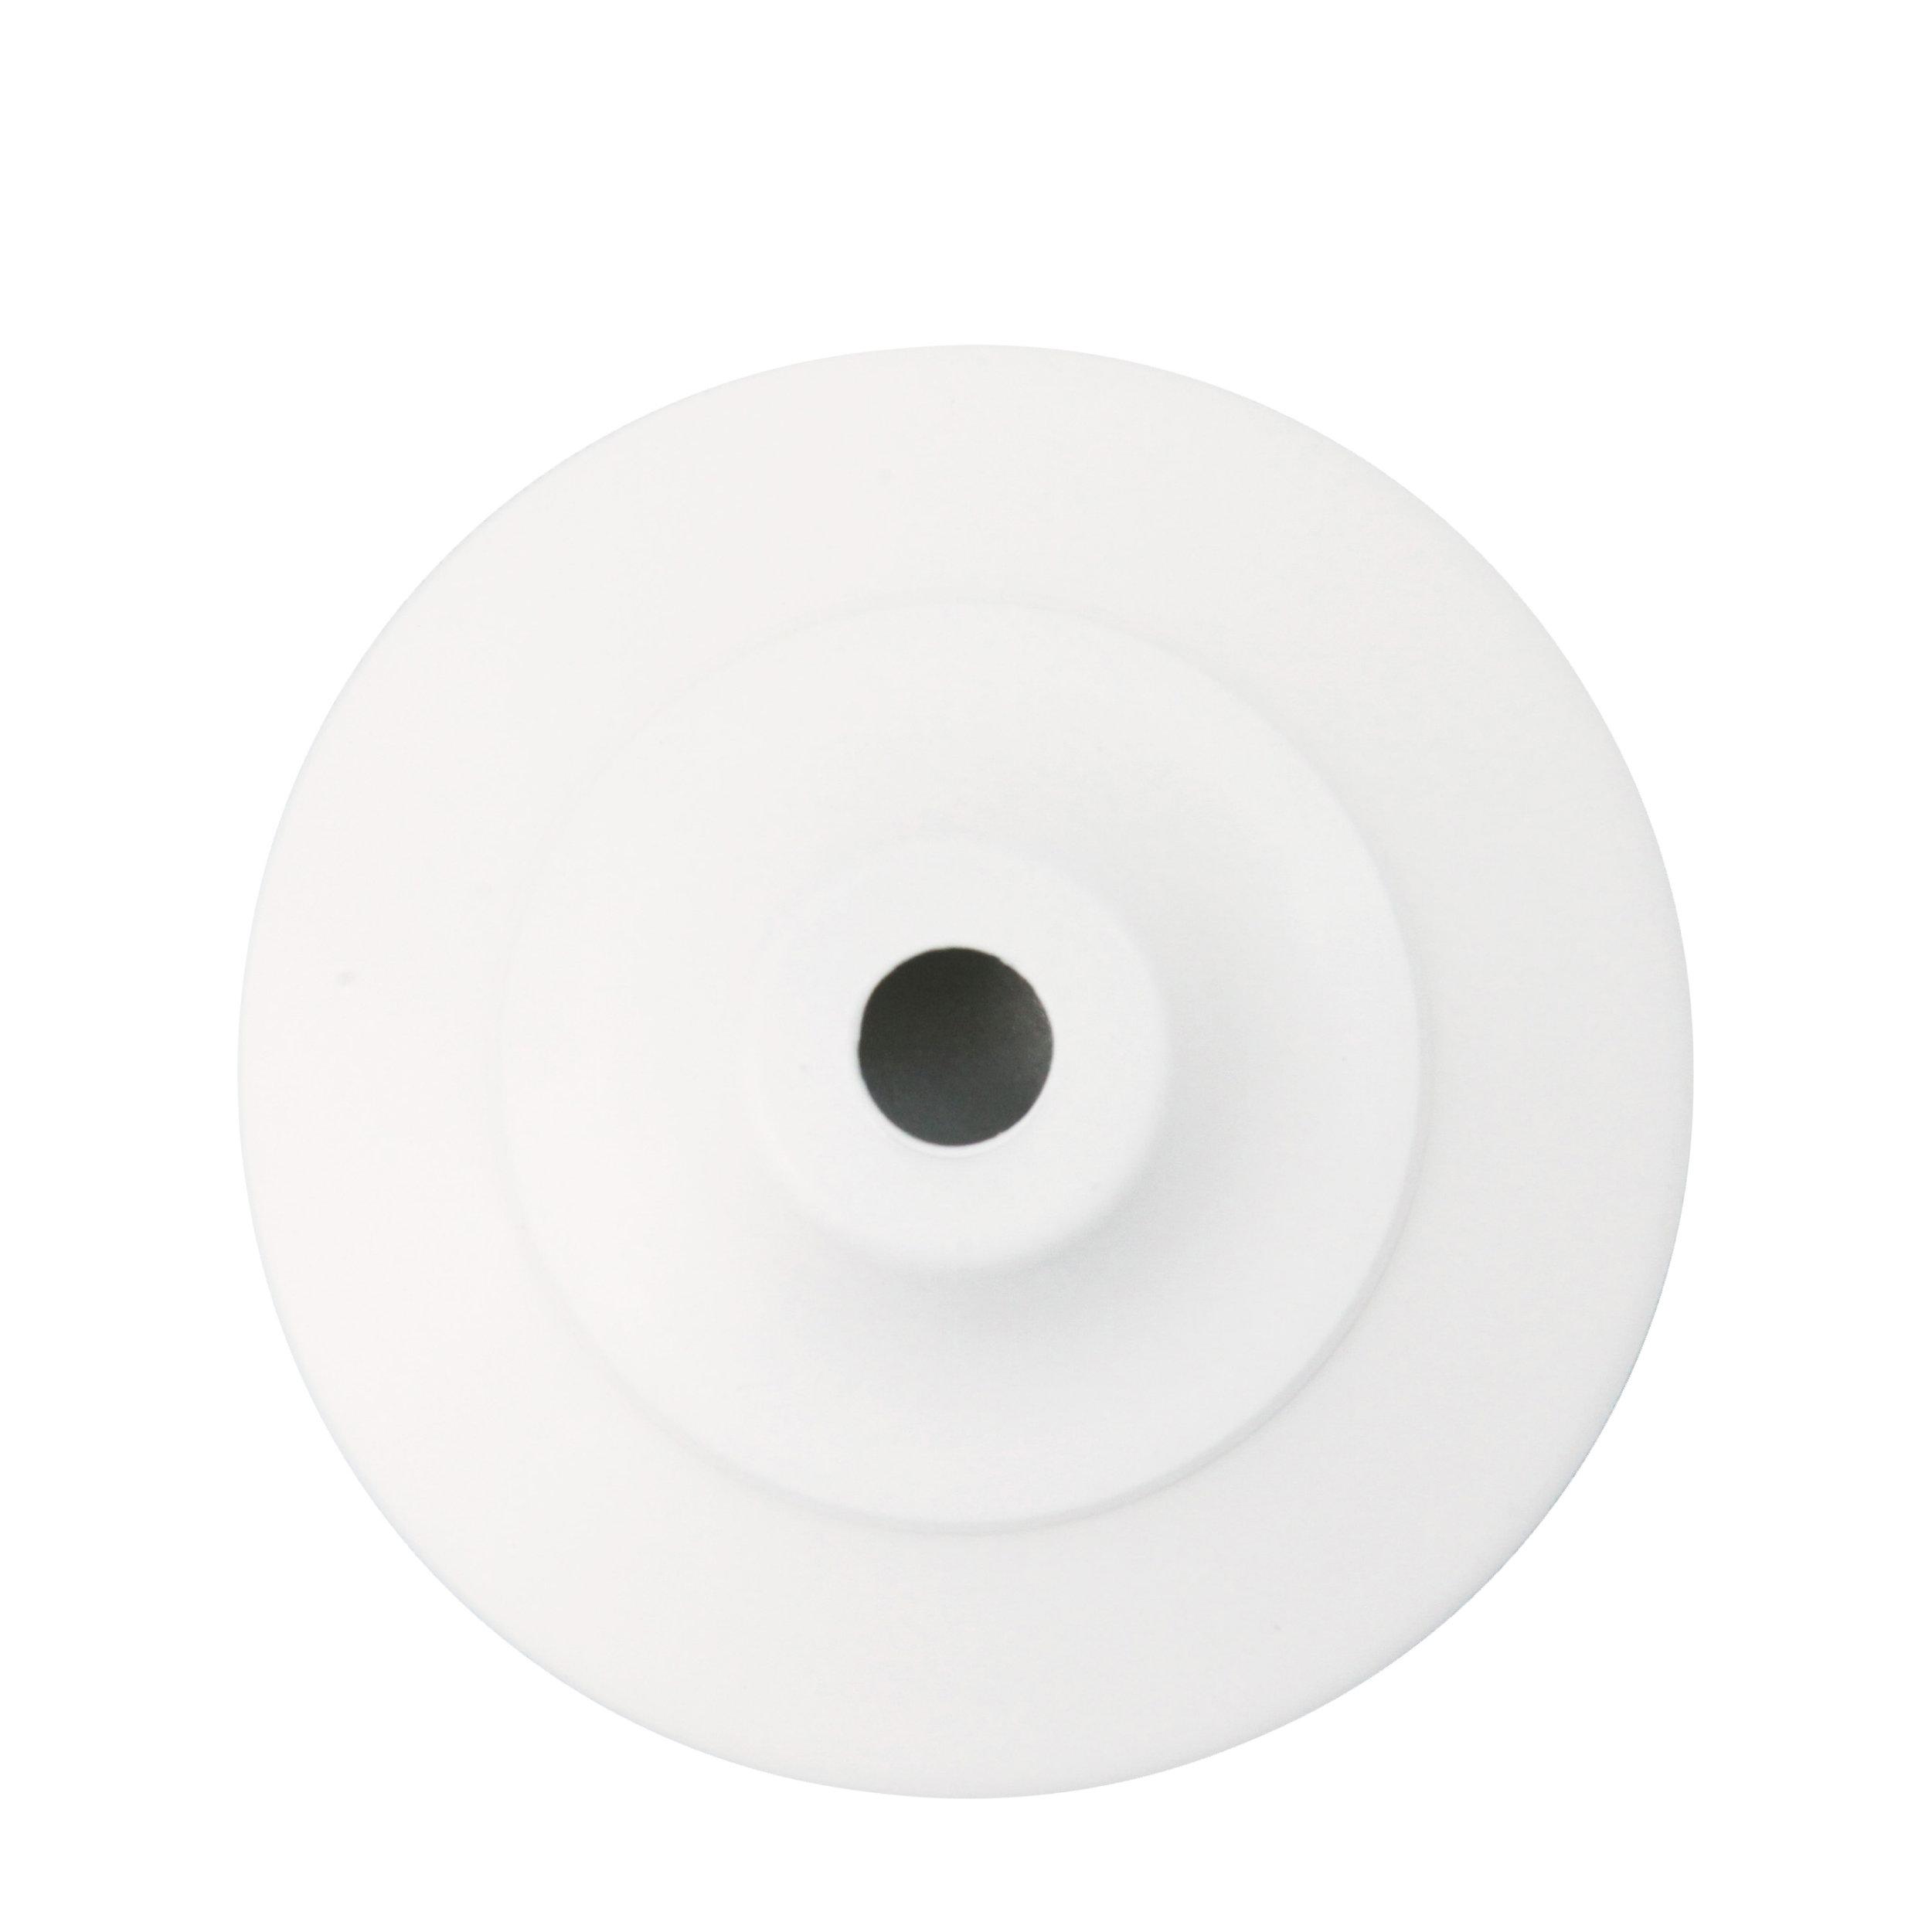 Powder Coated White